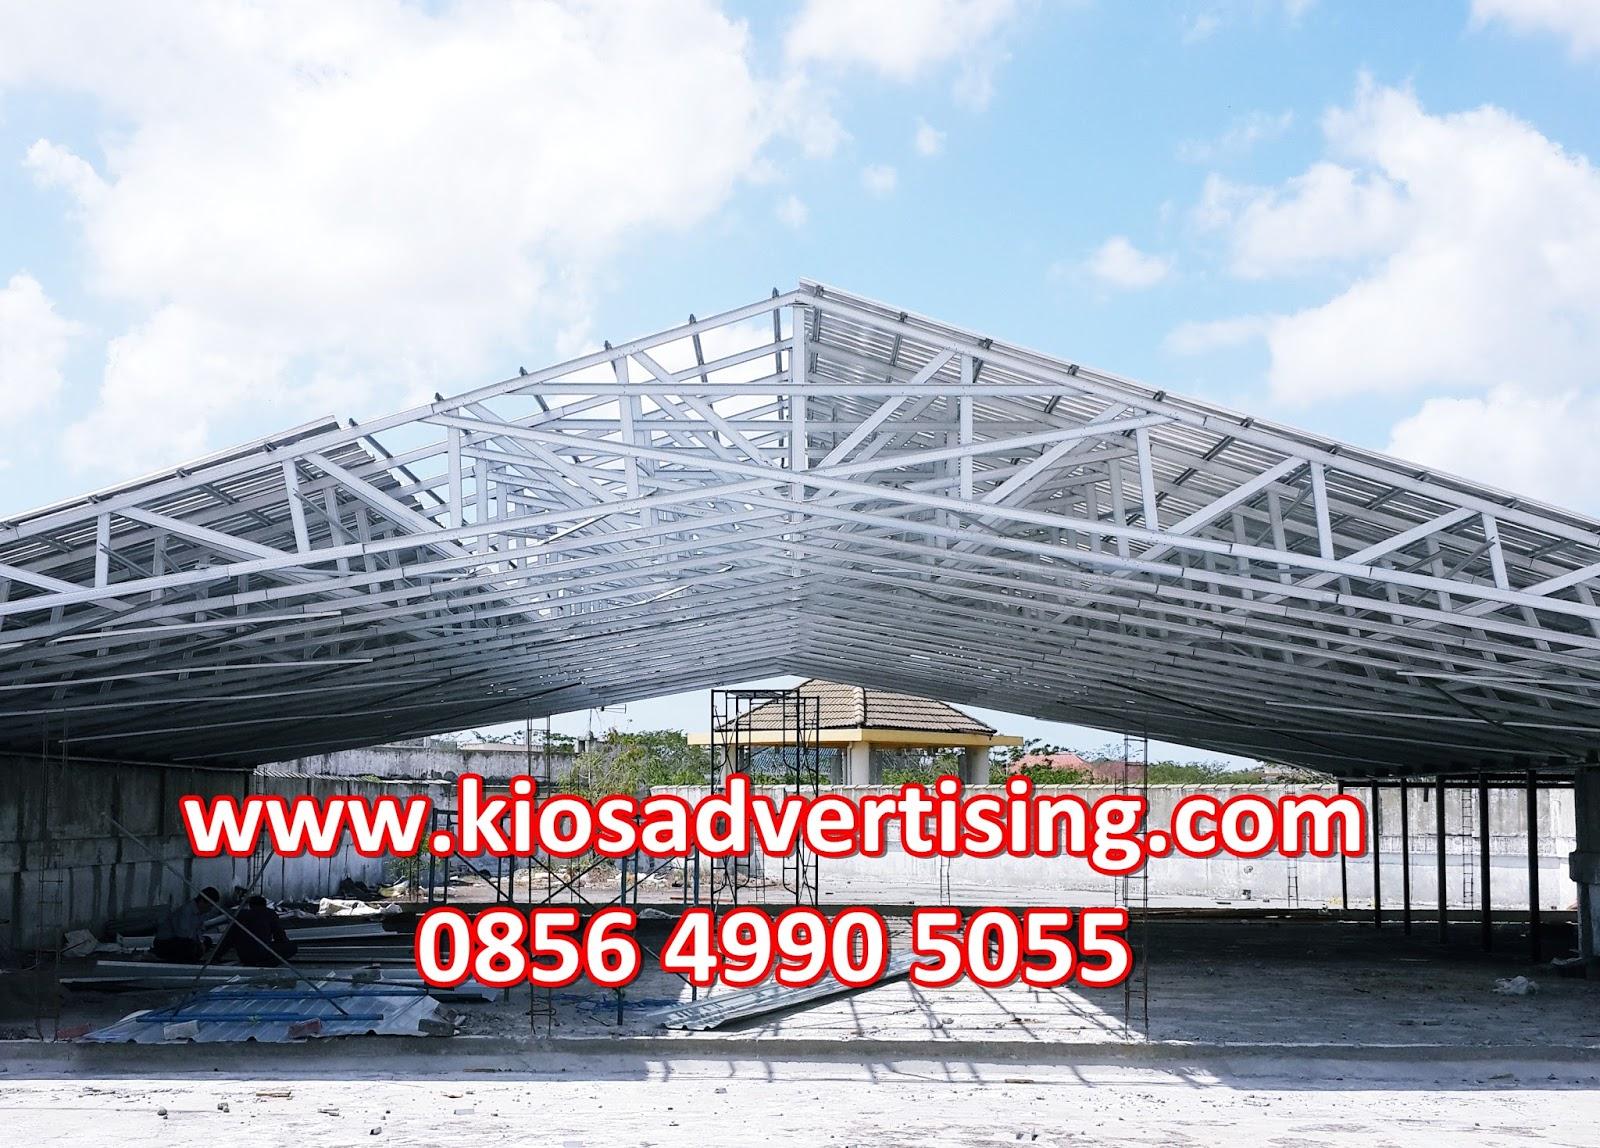 harga rangka atap baja ringan di malang jasa pemasangan kios advertising